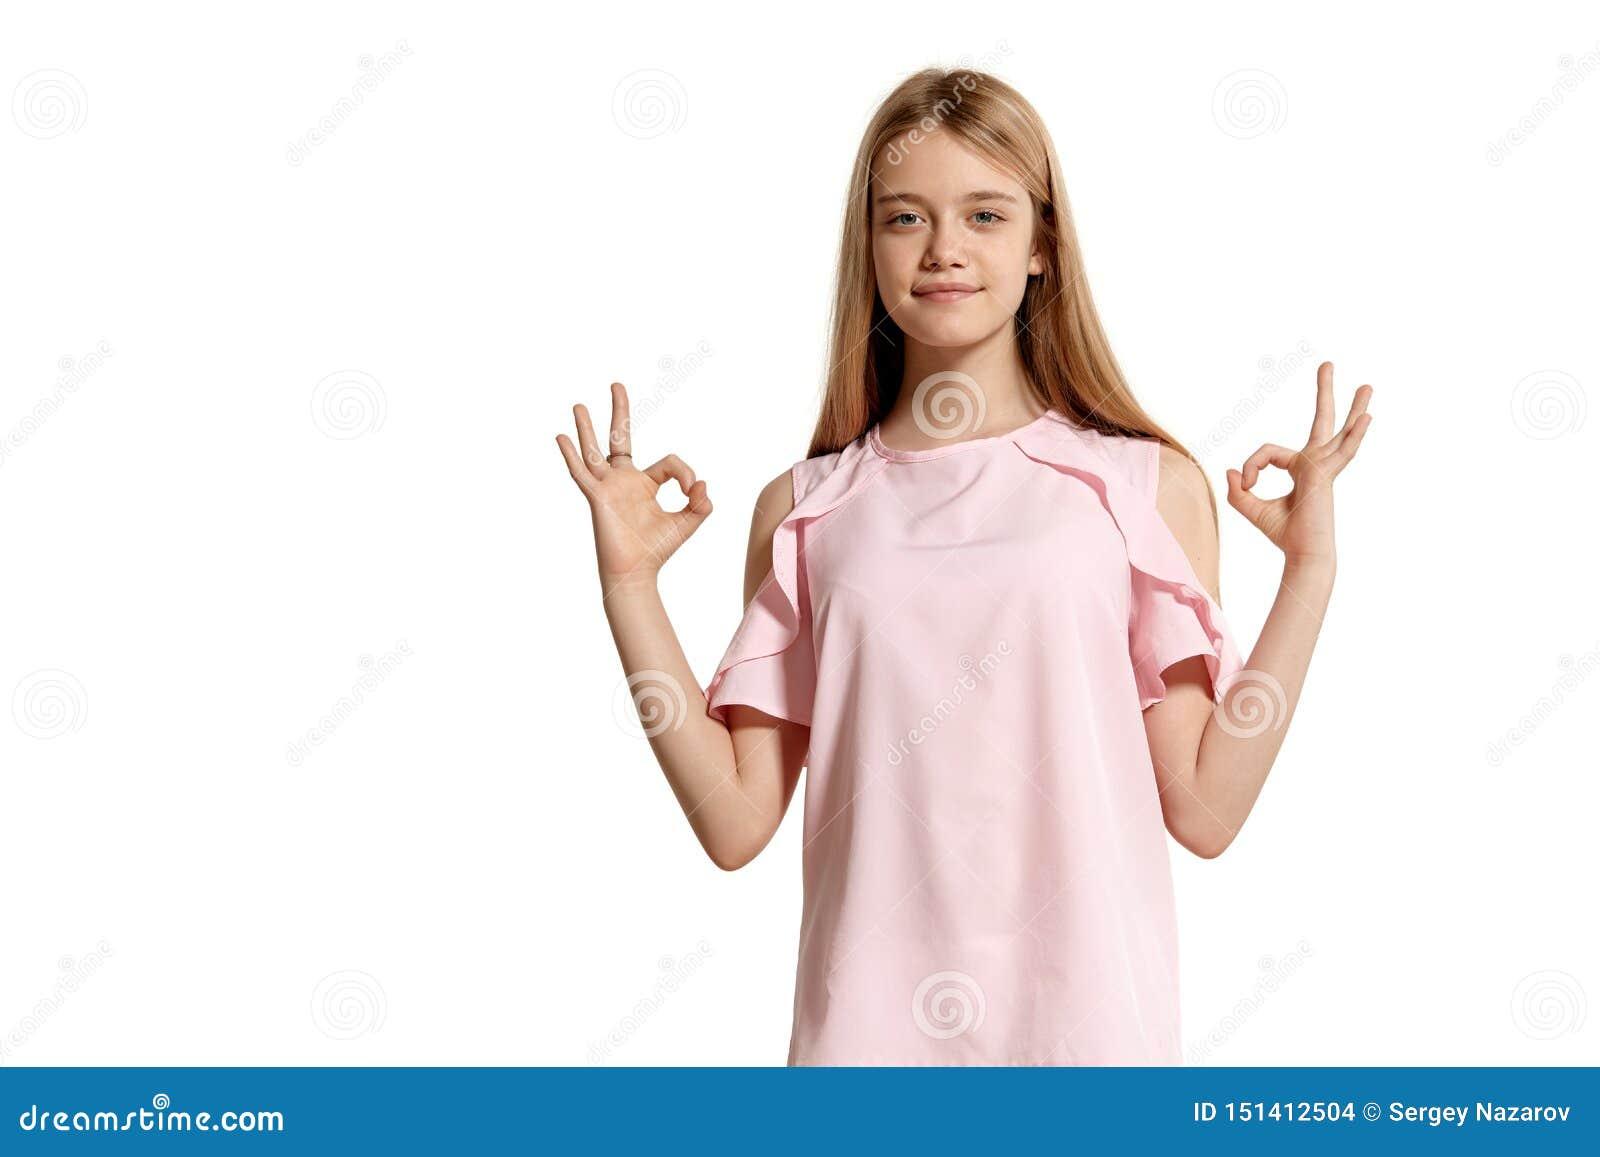 Πορτρέτο στούντιο ενός όμορφου ξανθού εφήβου κοριτσιών σε μια ρόδινη τοποθέτηση μπλουζών που απομονώνεται στο άσπρο υπόβαθρο